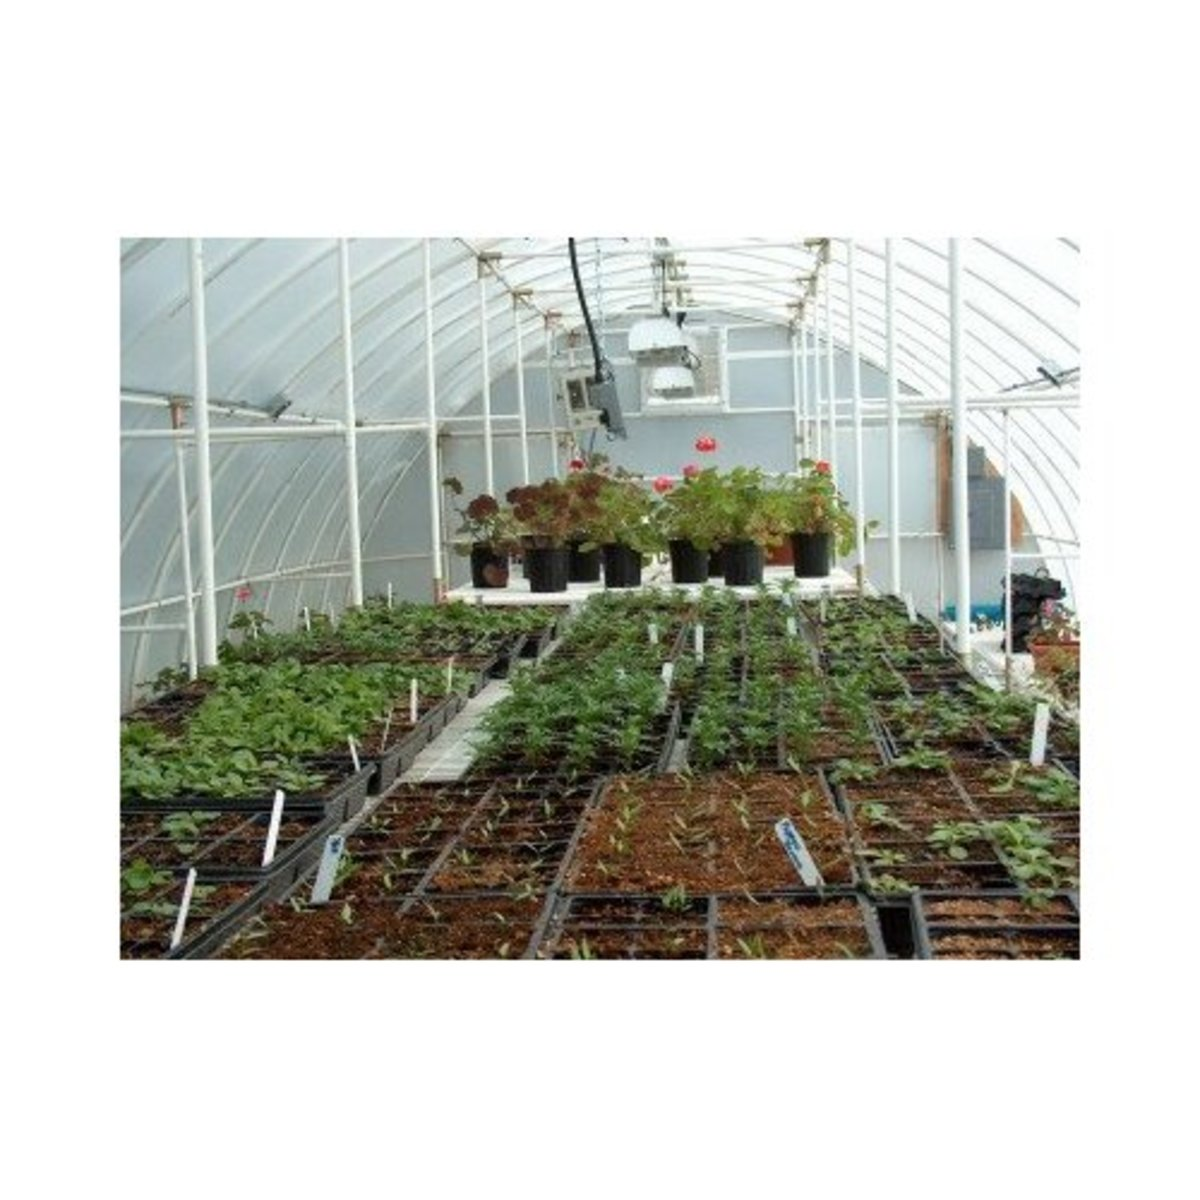 Solexx Conservatory